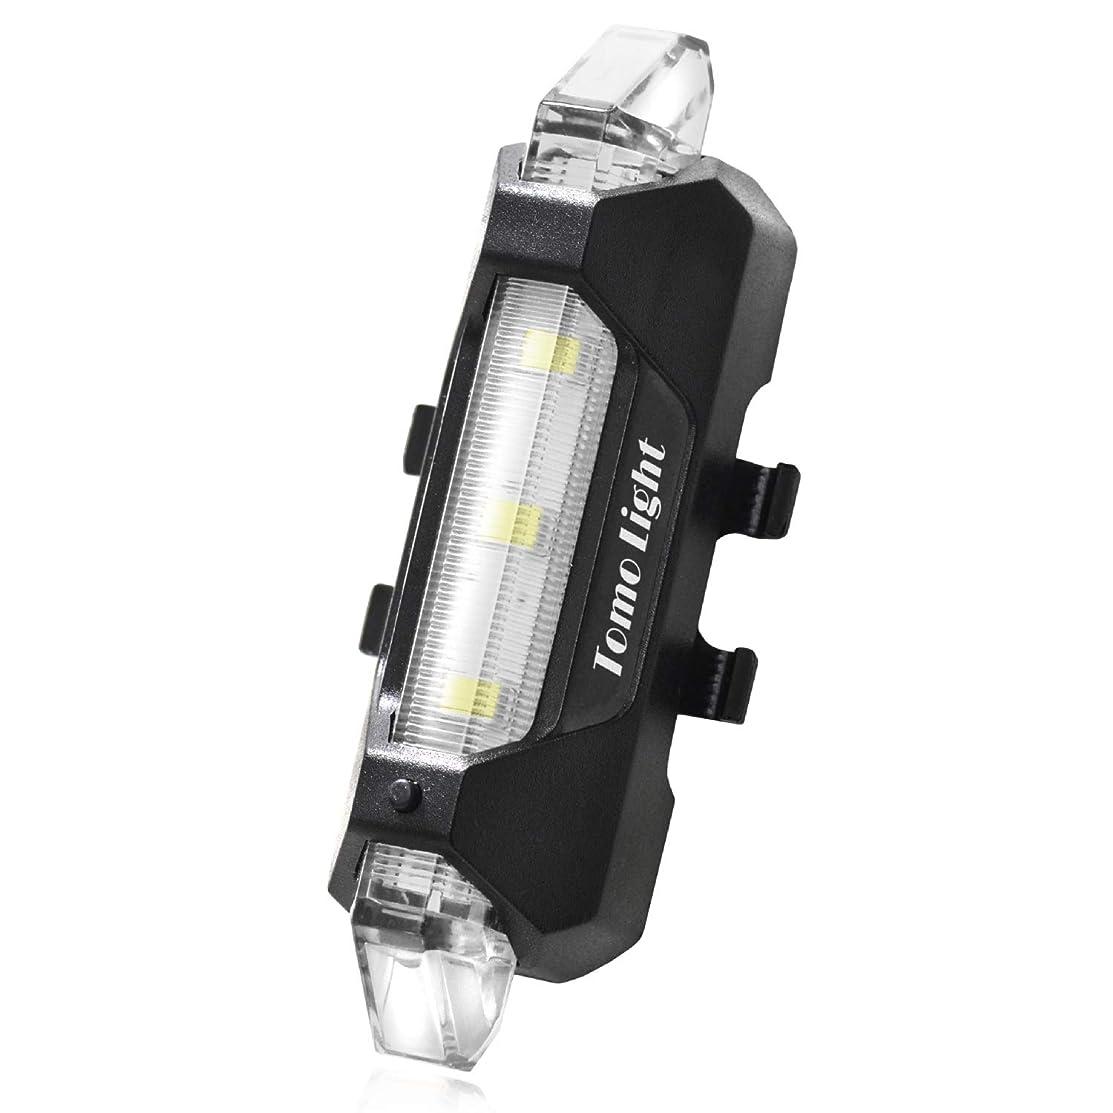 酒批判する数字Tomo Light テールライト 自転車用 セーフティーライト usb充電式 対防水コーティング 高輝度ledライト 自転車用ライト 軽量 ロードバイク マウンテンバイク 小型自転車 リアライト テールランプ